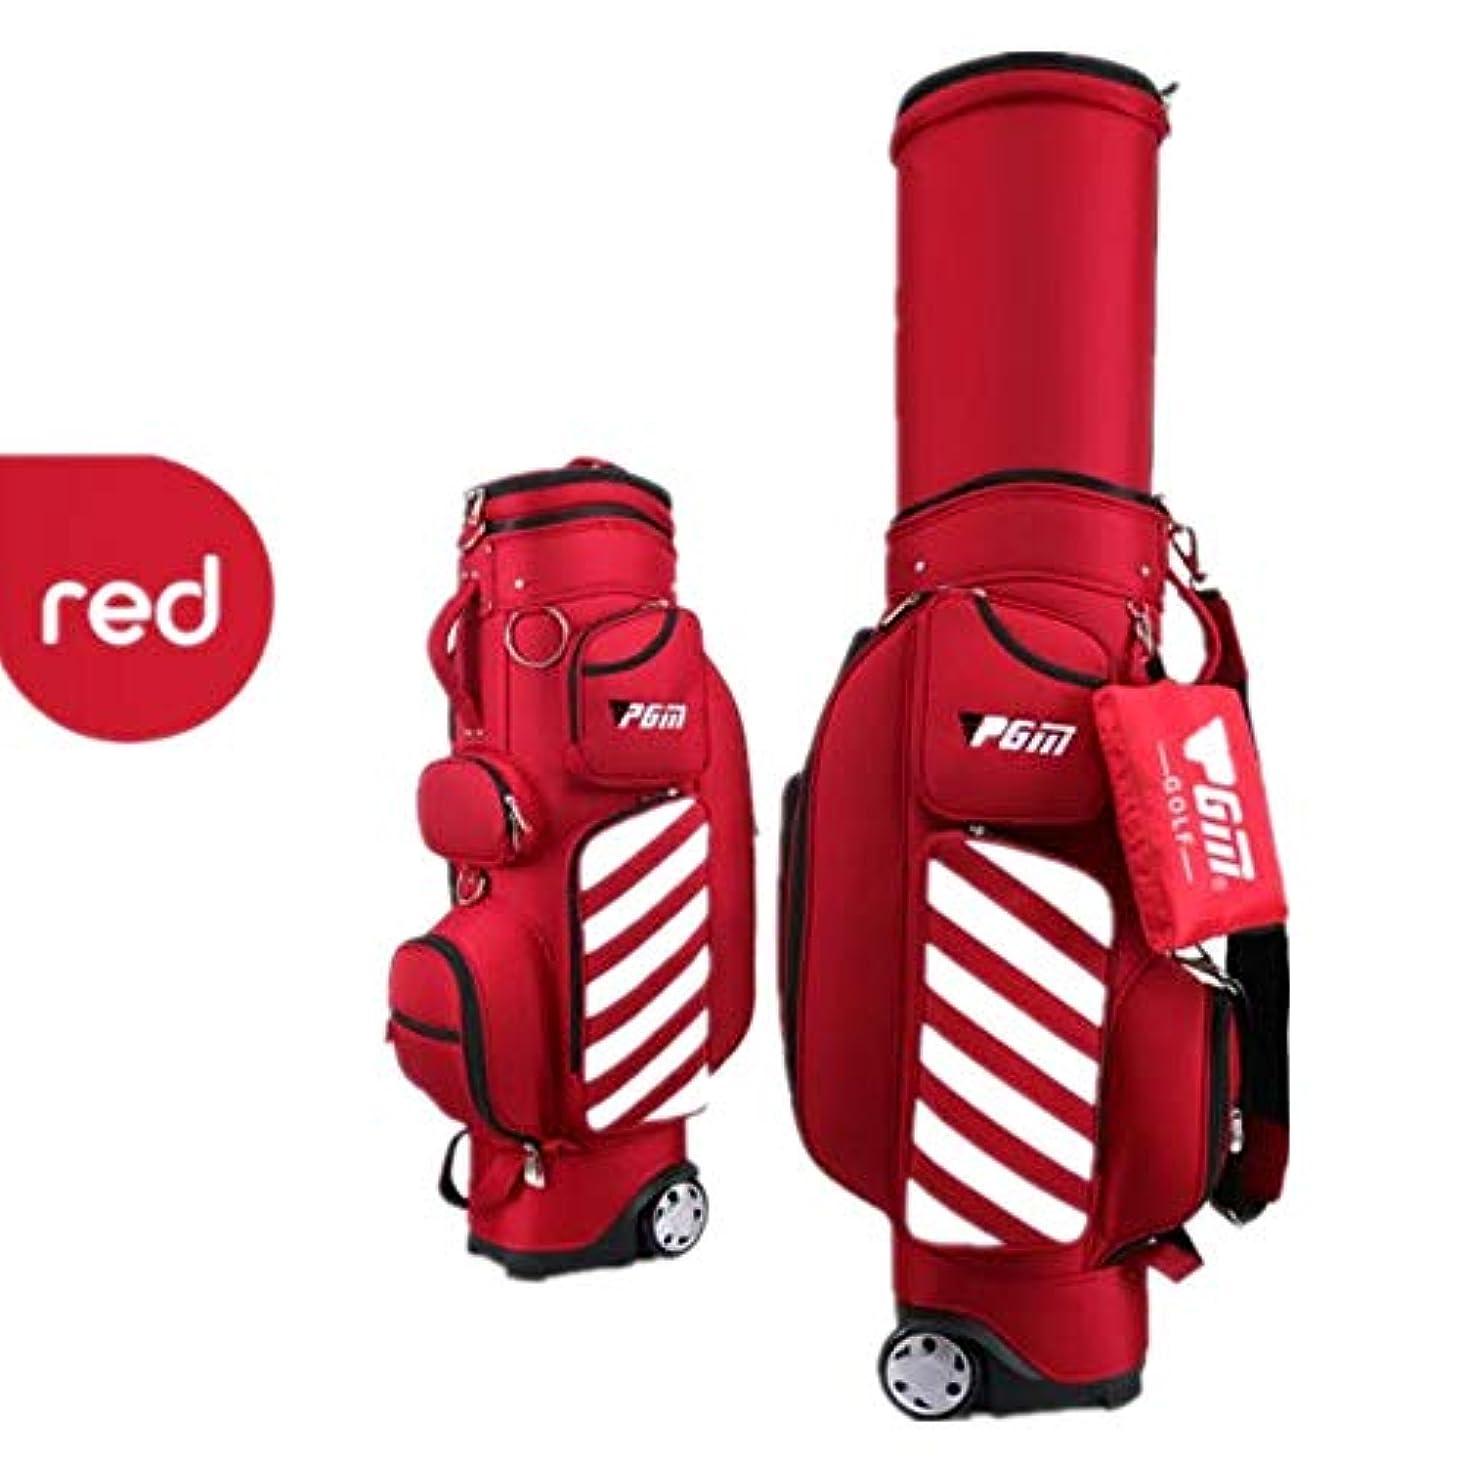 受付ハードリングミッションゴルフクラブトラベルバッグケース ゴルフ伸縮キューバッグゴルフバッグ男性と女性プーリーハードシェルボールキャップエアバッグと引き込み式 機器を保護する (色 : G, サイズ : Free Size)